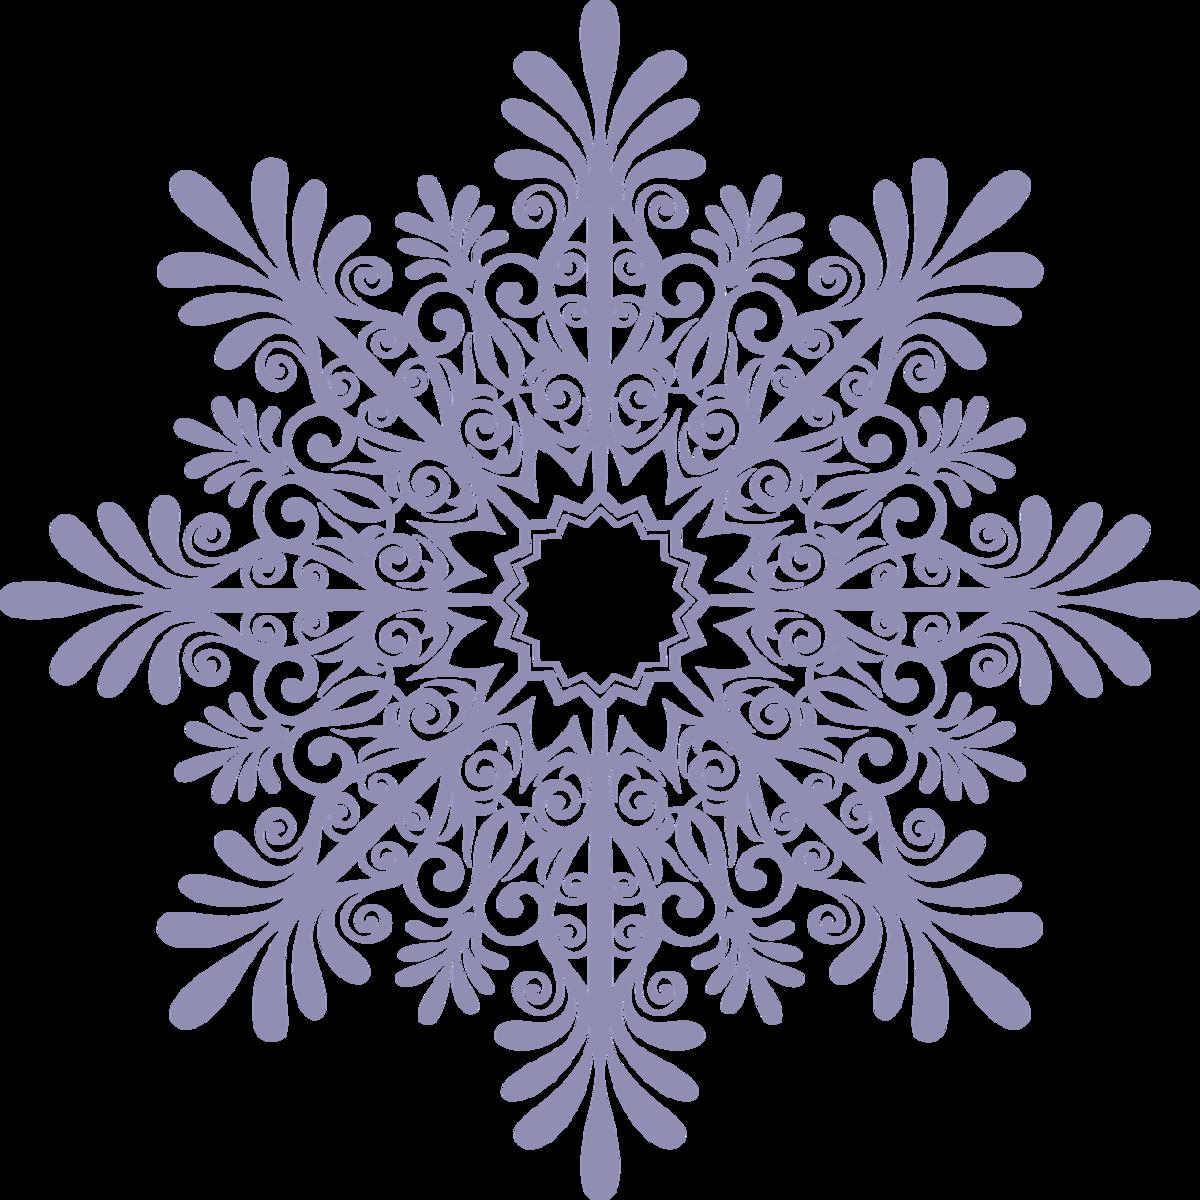 шик грациозная картинки белых снежинок без фона утверждает, что